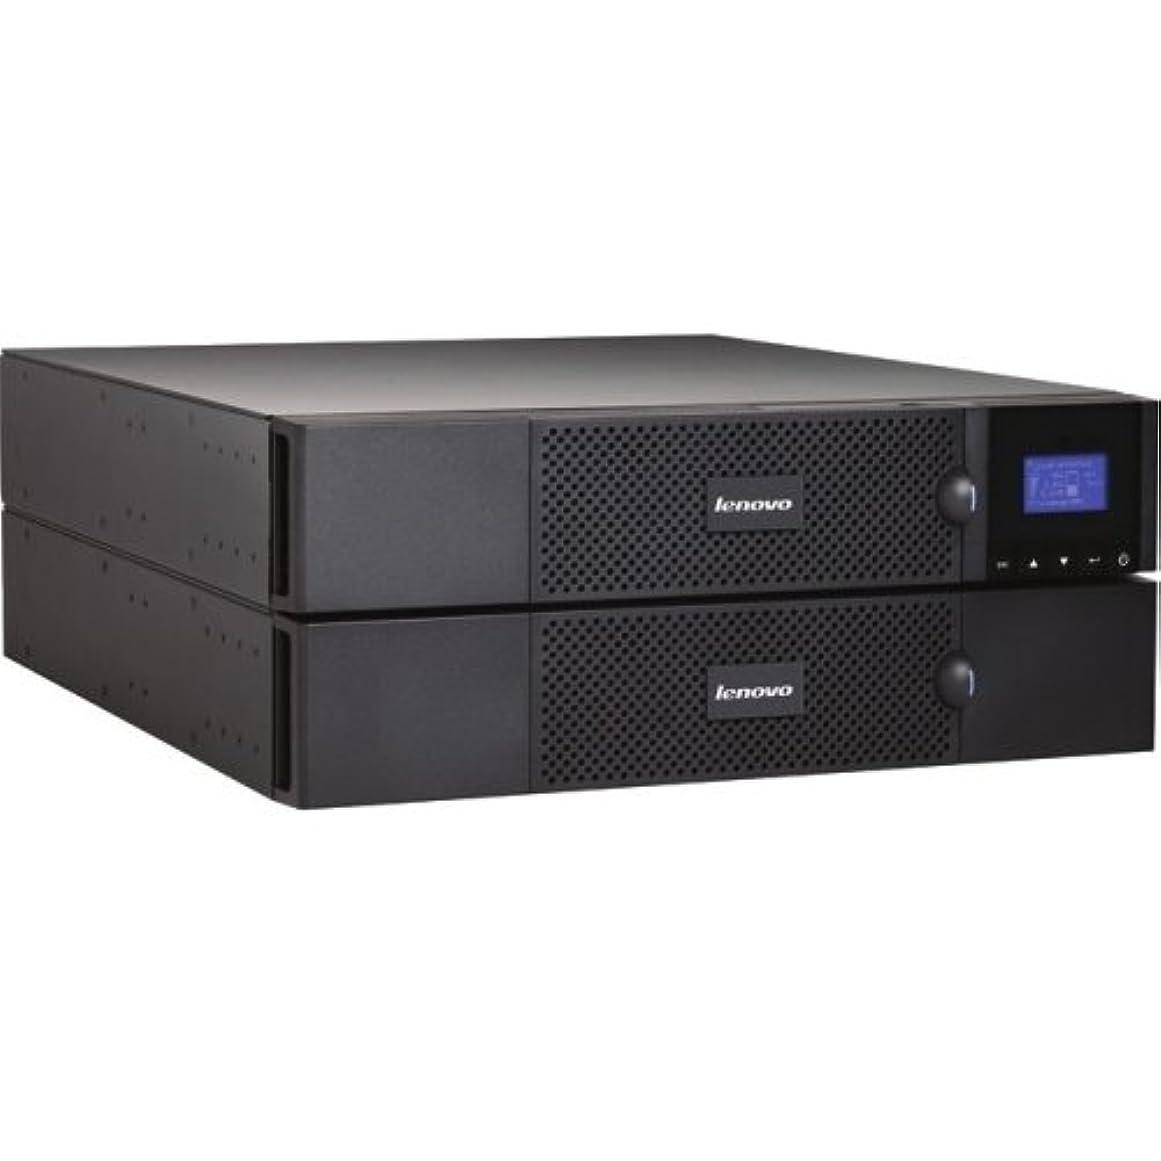 溶岩摩擦必要条件レノボ?ジャパン旧IBM UPS 2200VA 2U ラック/タワー型 (200V) 55942KX